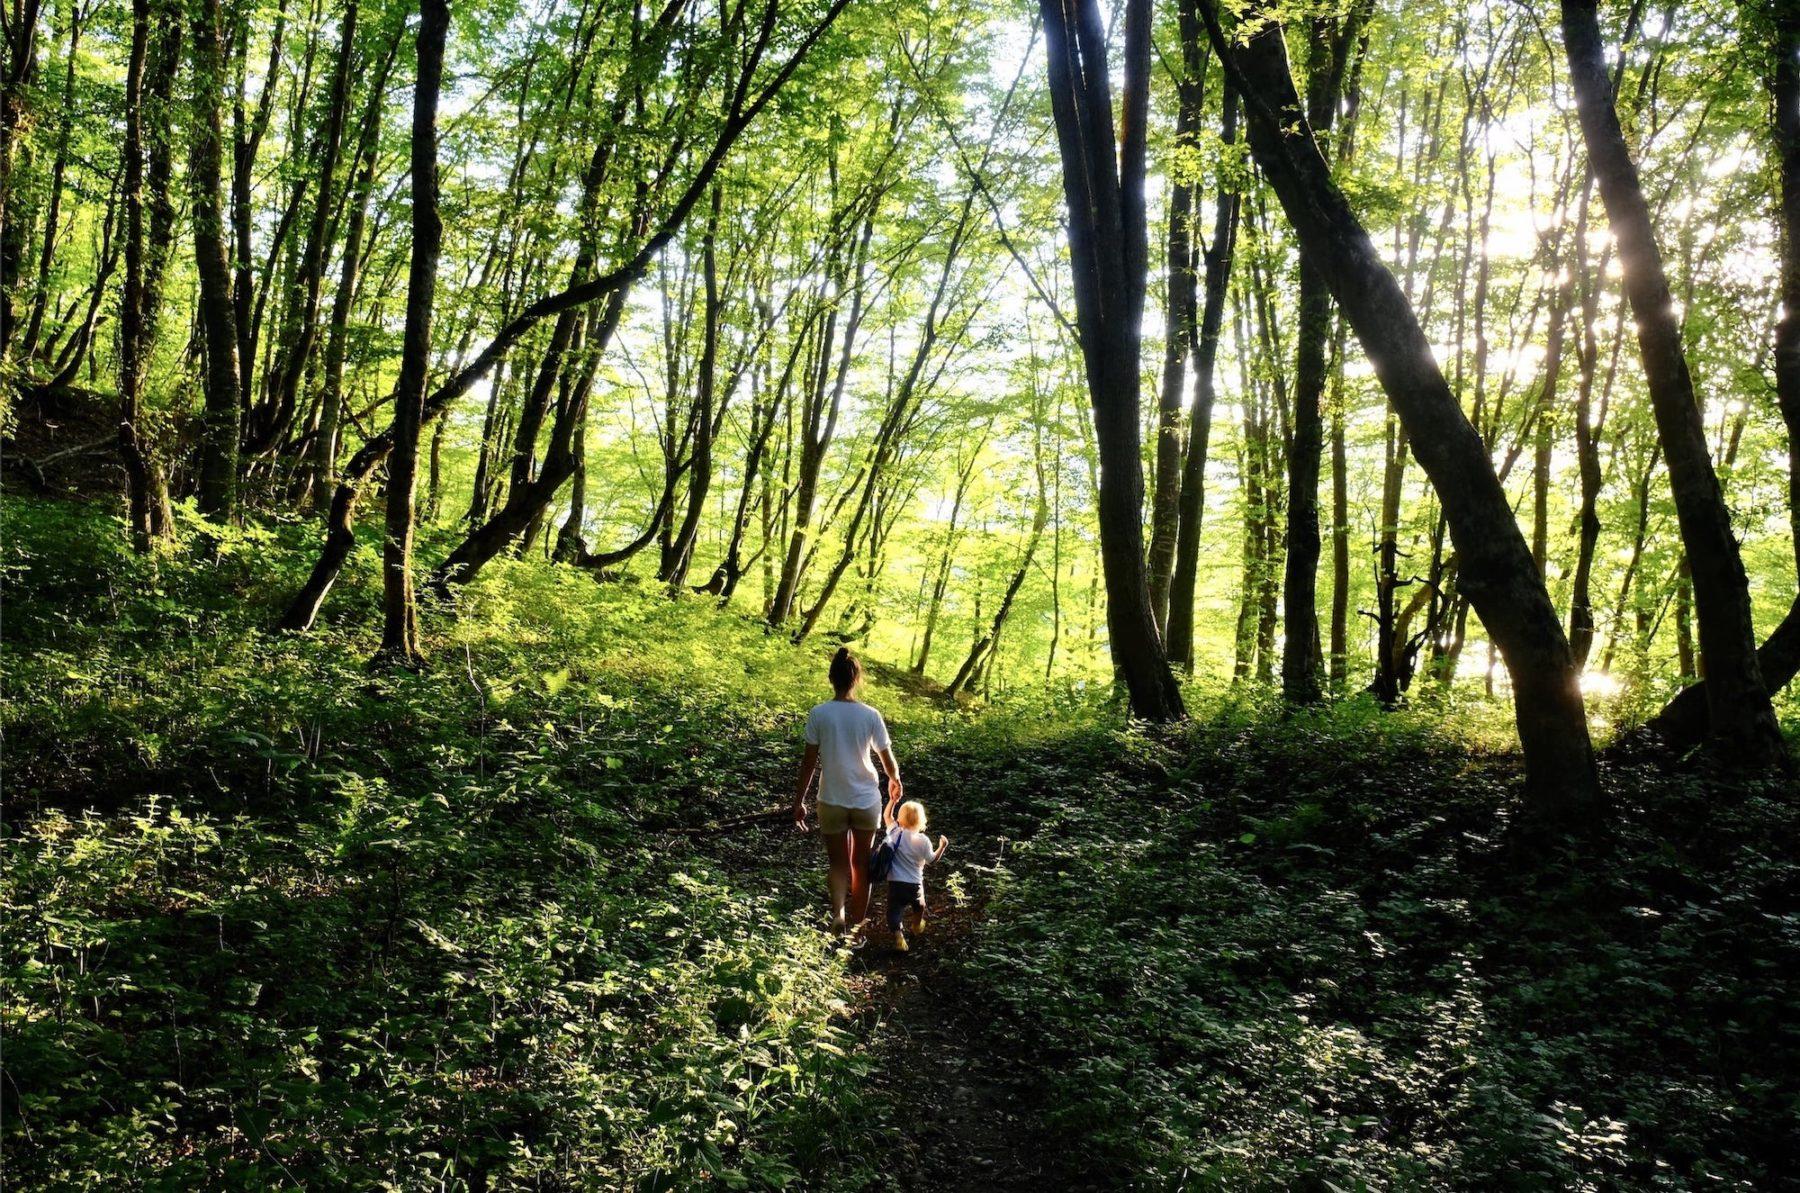 Je découvre les forêts comestibles